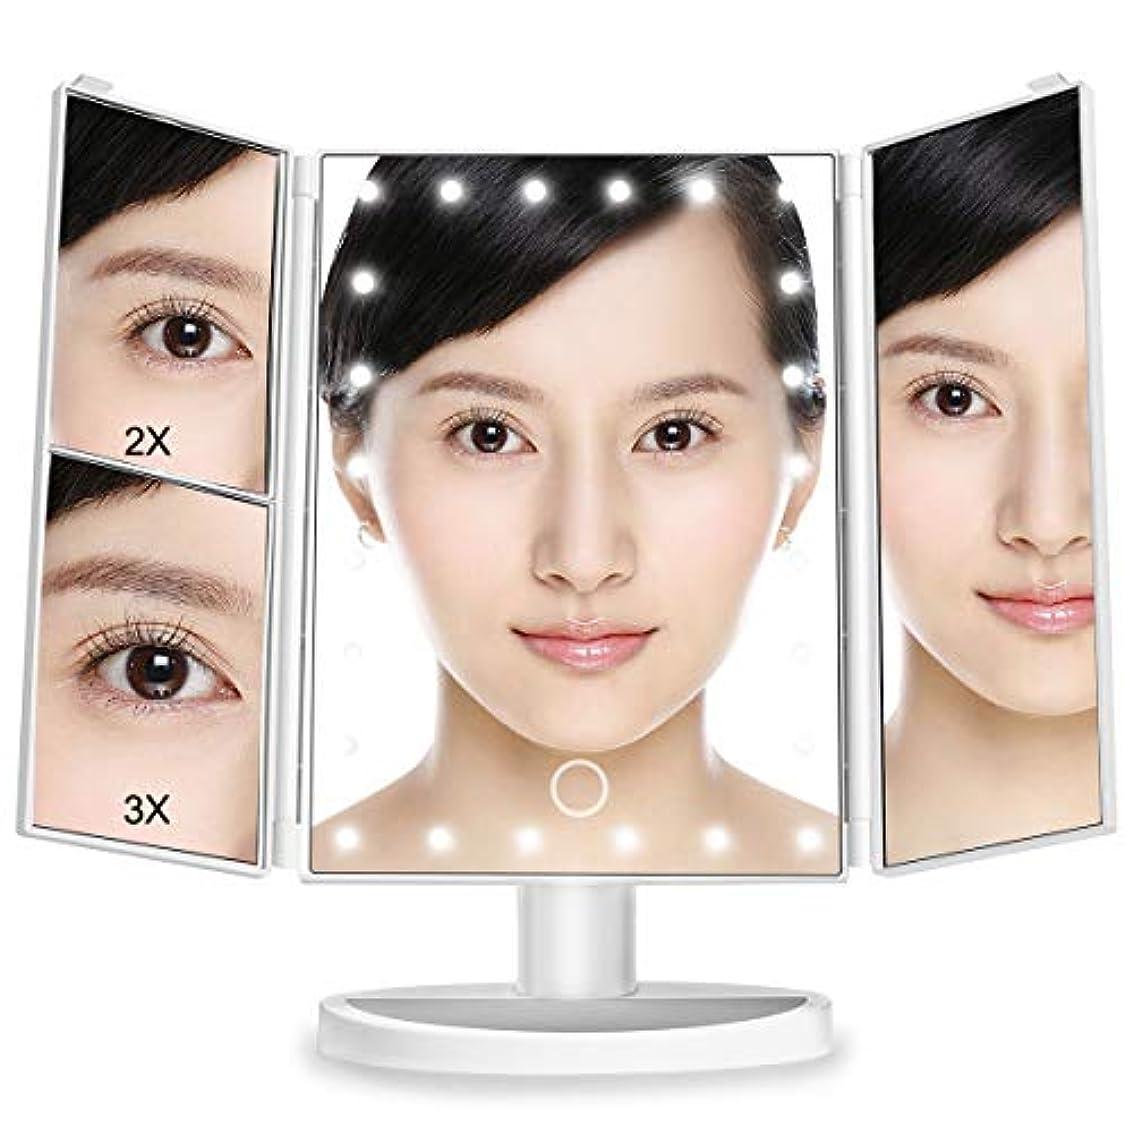 こんにちはクランプ安全な女優ミラー 三面鏡 鏡 led 卓上鏡 化粧鏡 化粧ミラー 鏡 折りたたみ式 ledライト付き 明るさ調整可能 2&3倍拡大鏡付 180 °回転 電池&USB 2WAY給電